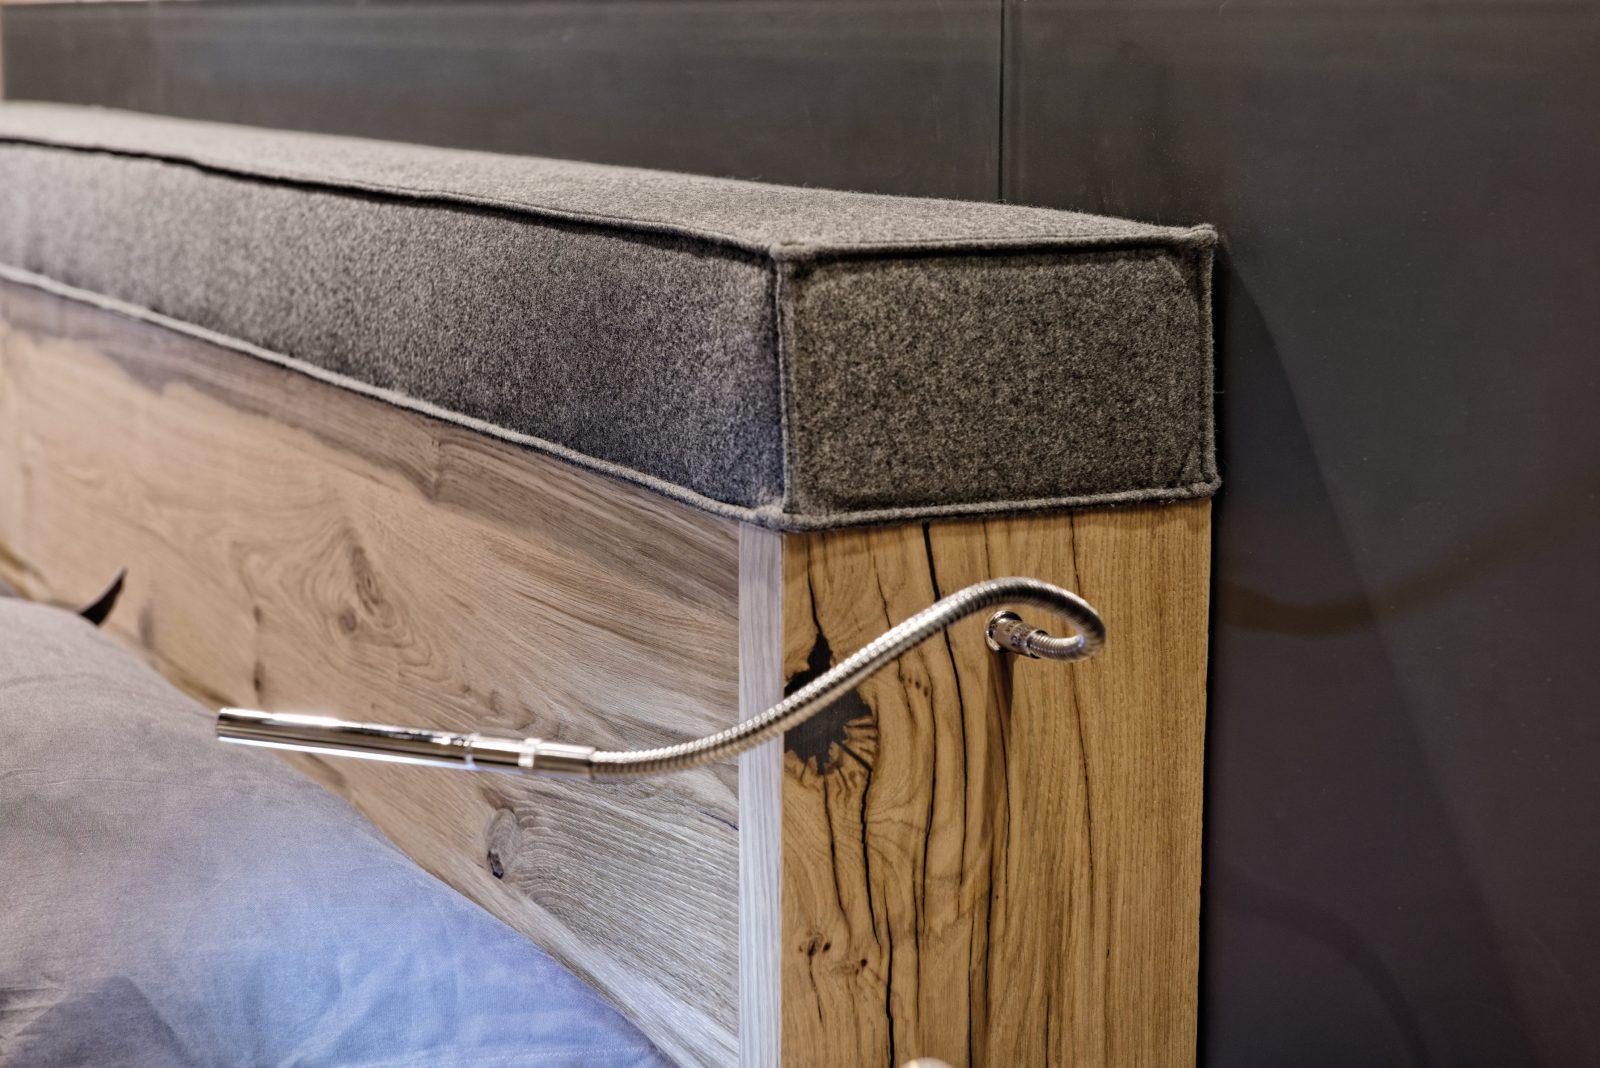 Bett  Bett  Betten  Schlafzimmer  Möbel  Möbel Inhofer von Voglauer Bett V Pur Photo